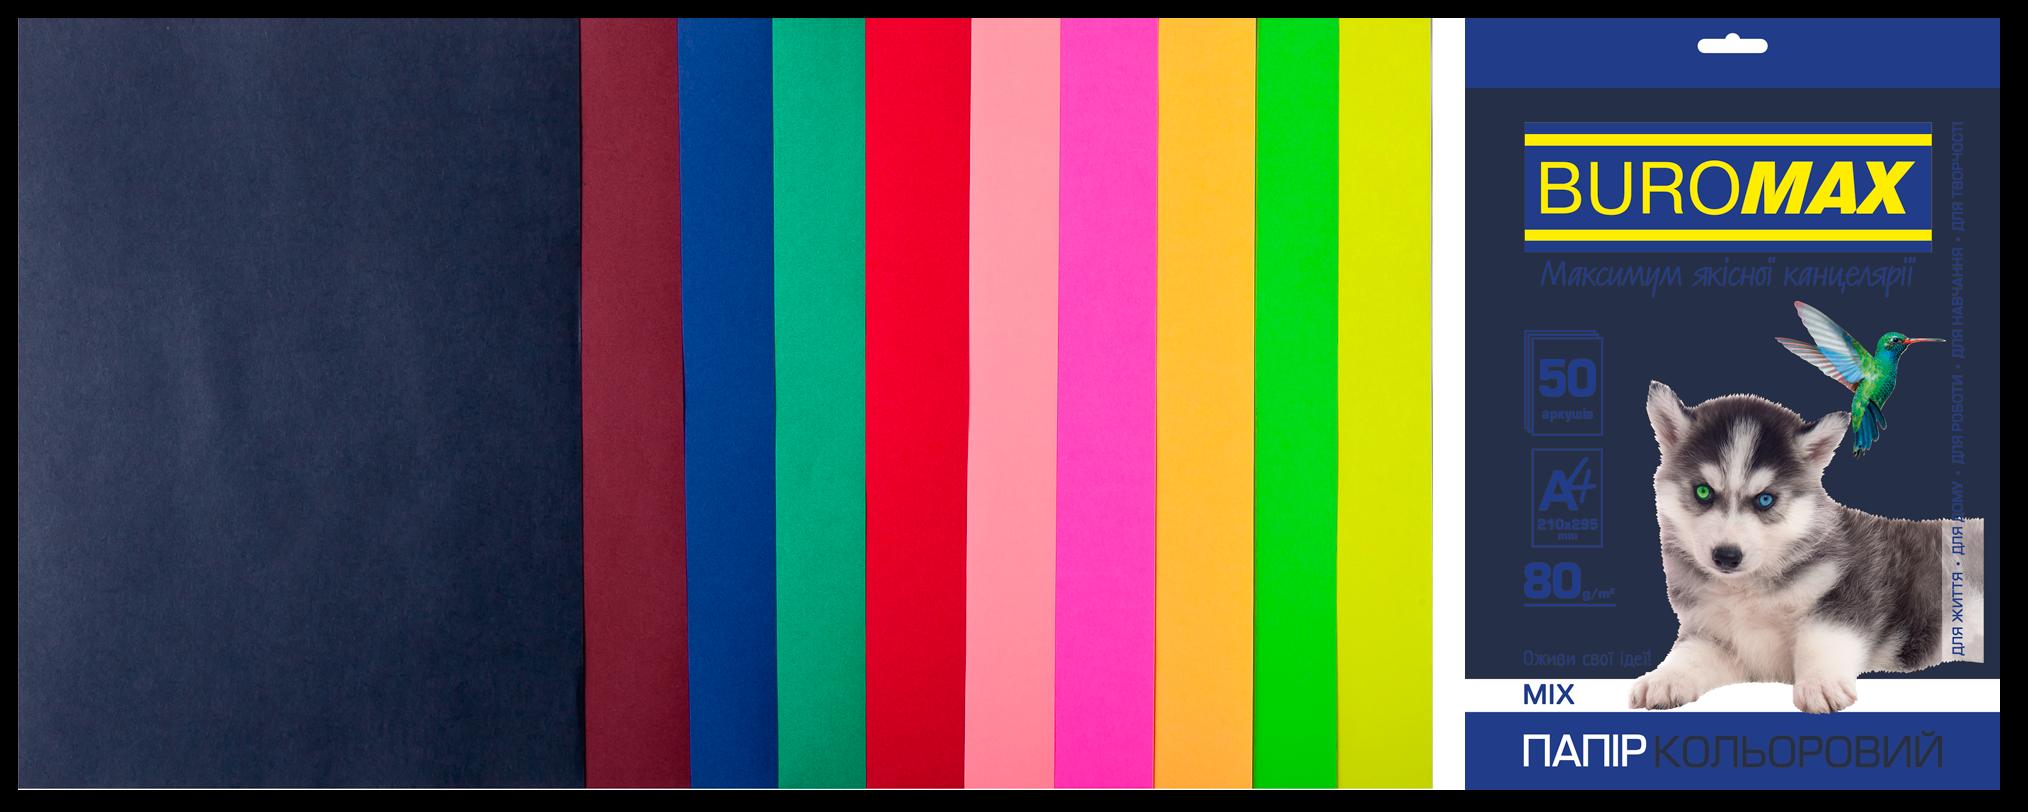 Набор цветной бумаги Buromax DARK+NEON, А4, 80г/м2, 50 листов, ассорти